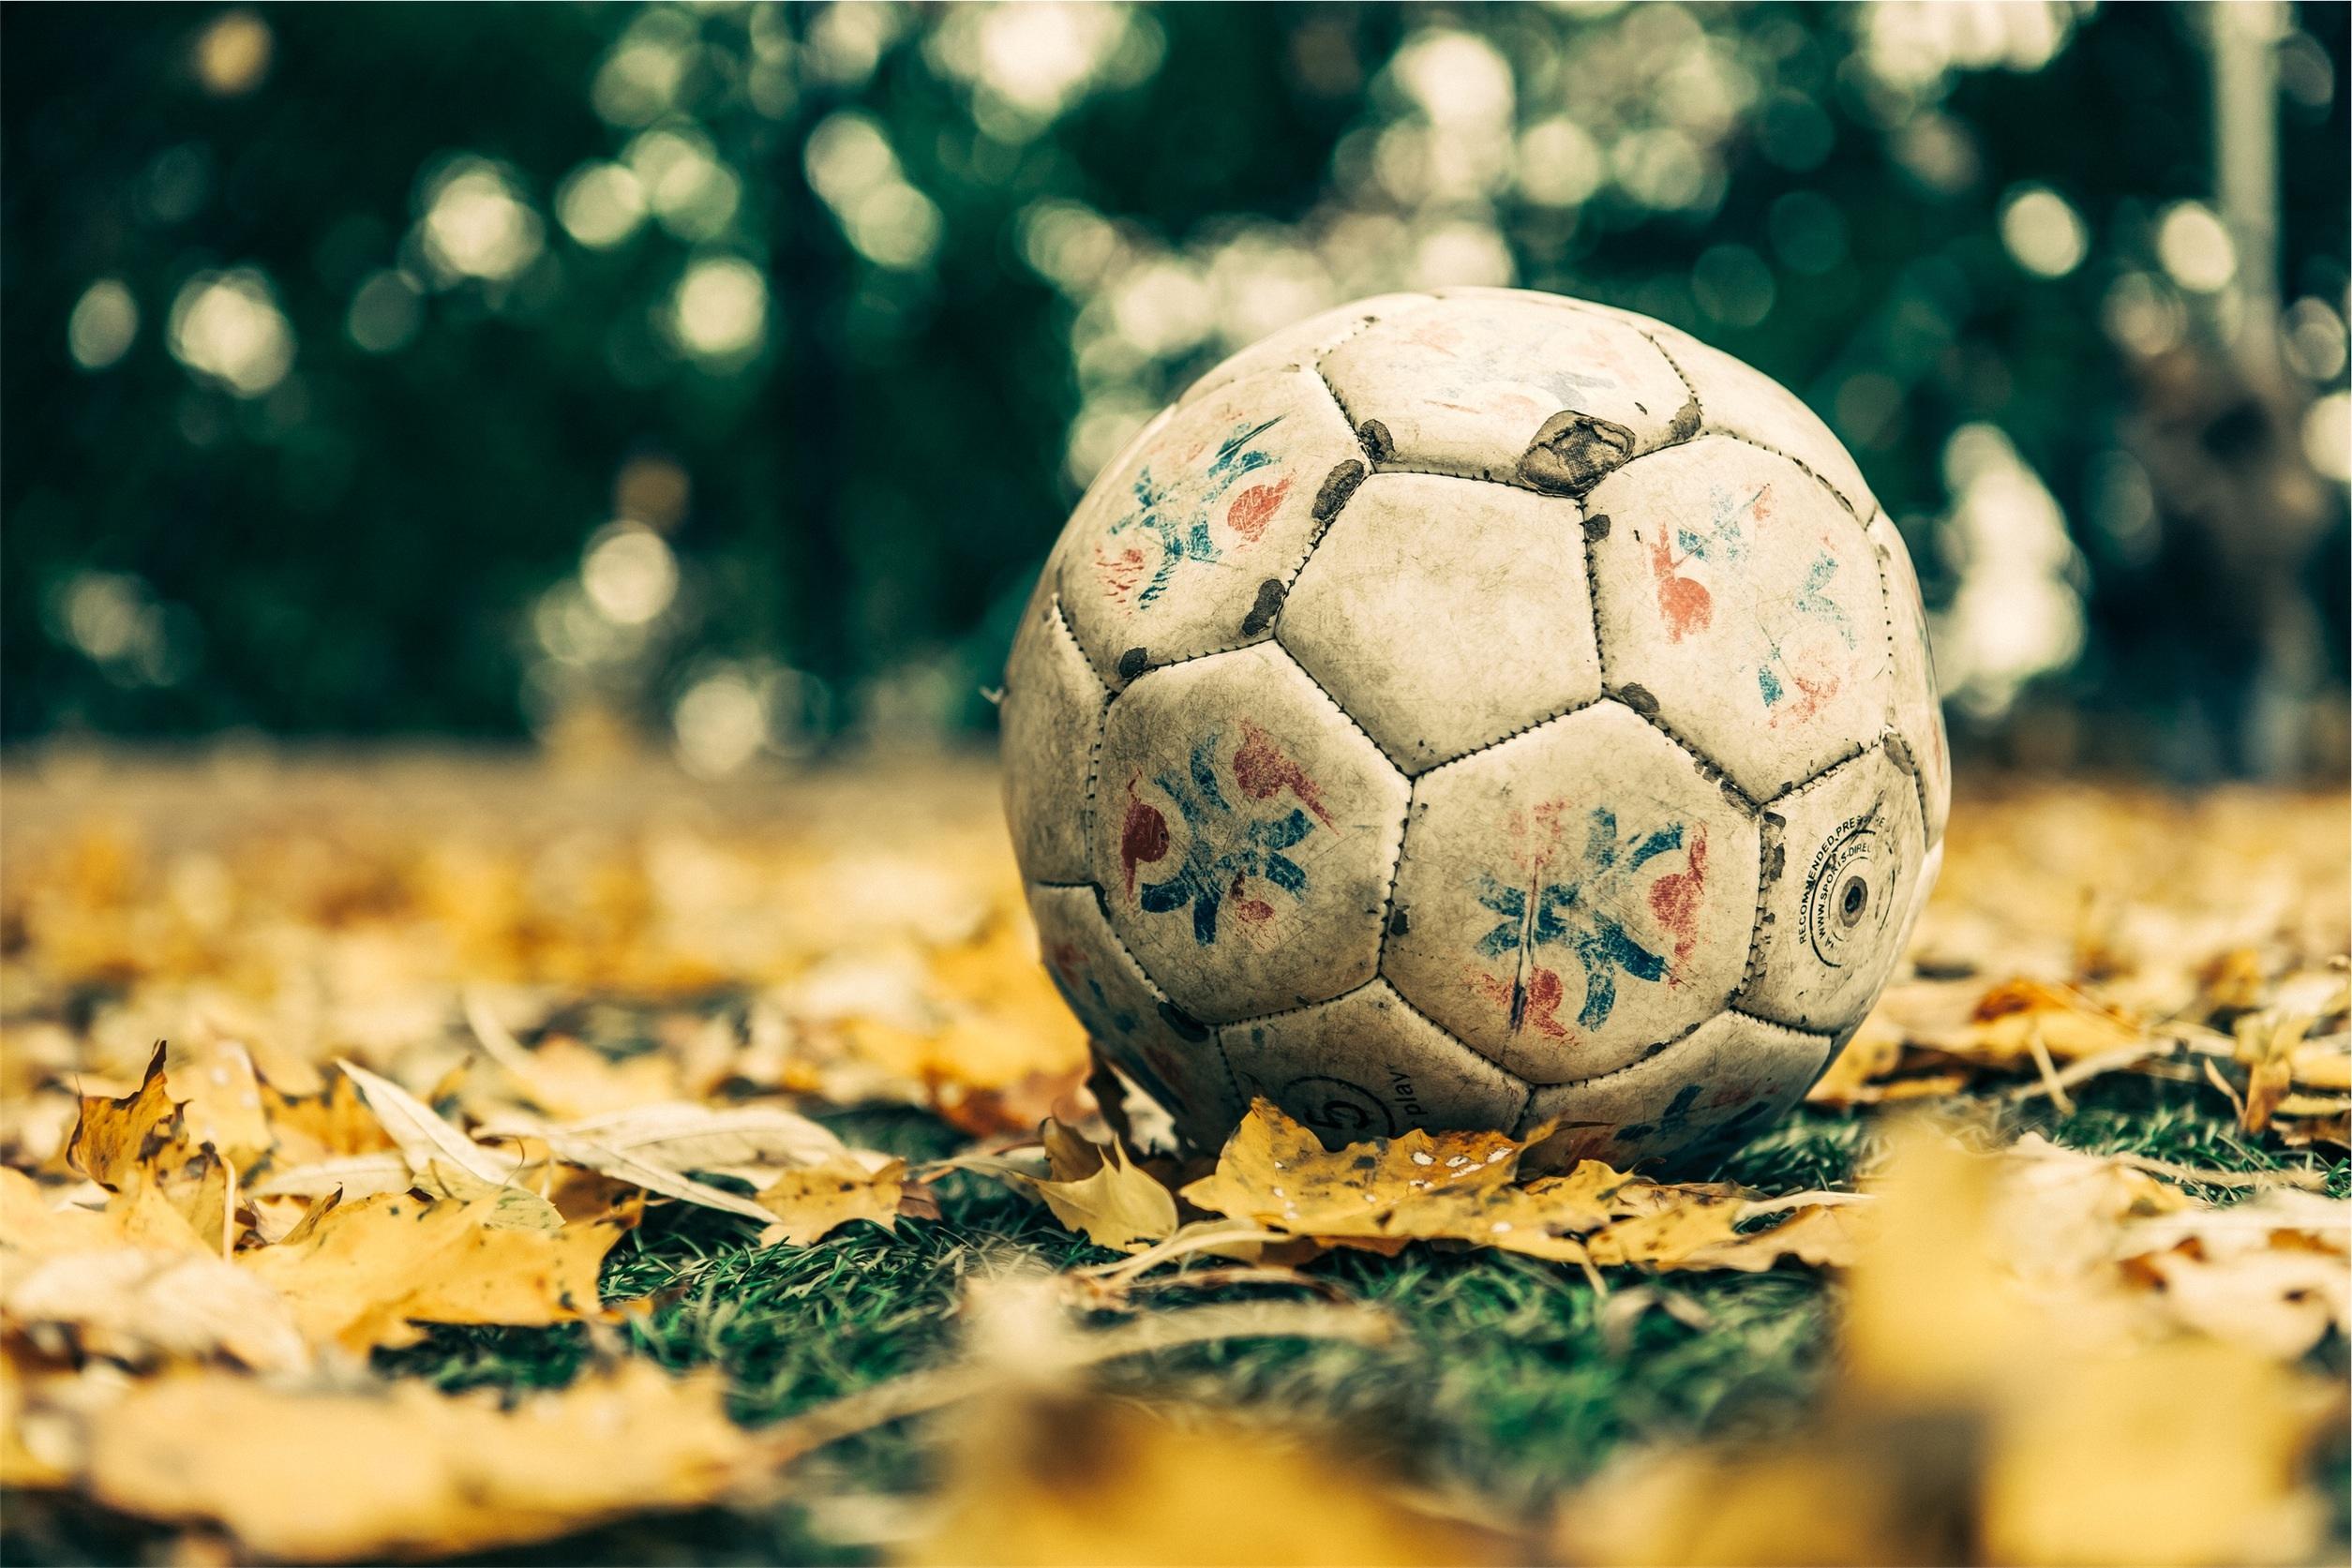 ballon, Football, feuilles, pelouse, herbe, Ball - Fonds d'écran HD - Professor-falken.com